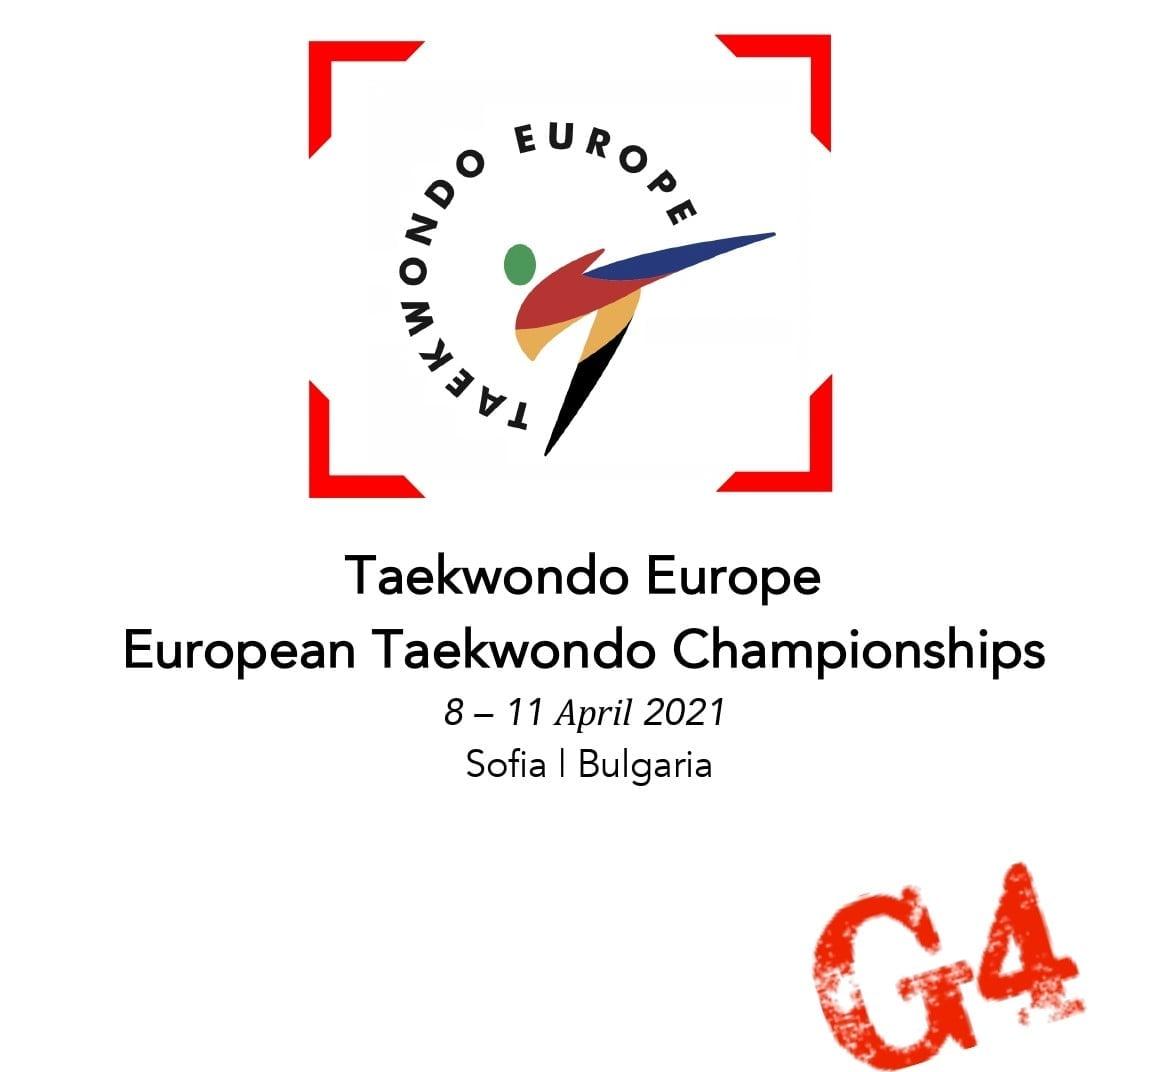 Taekvondoçularımız Avropa çempionatında iştirak edəcəklər